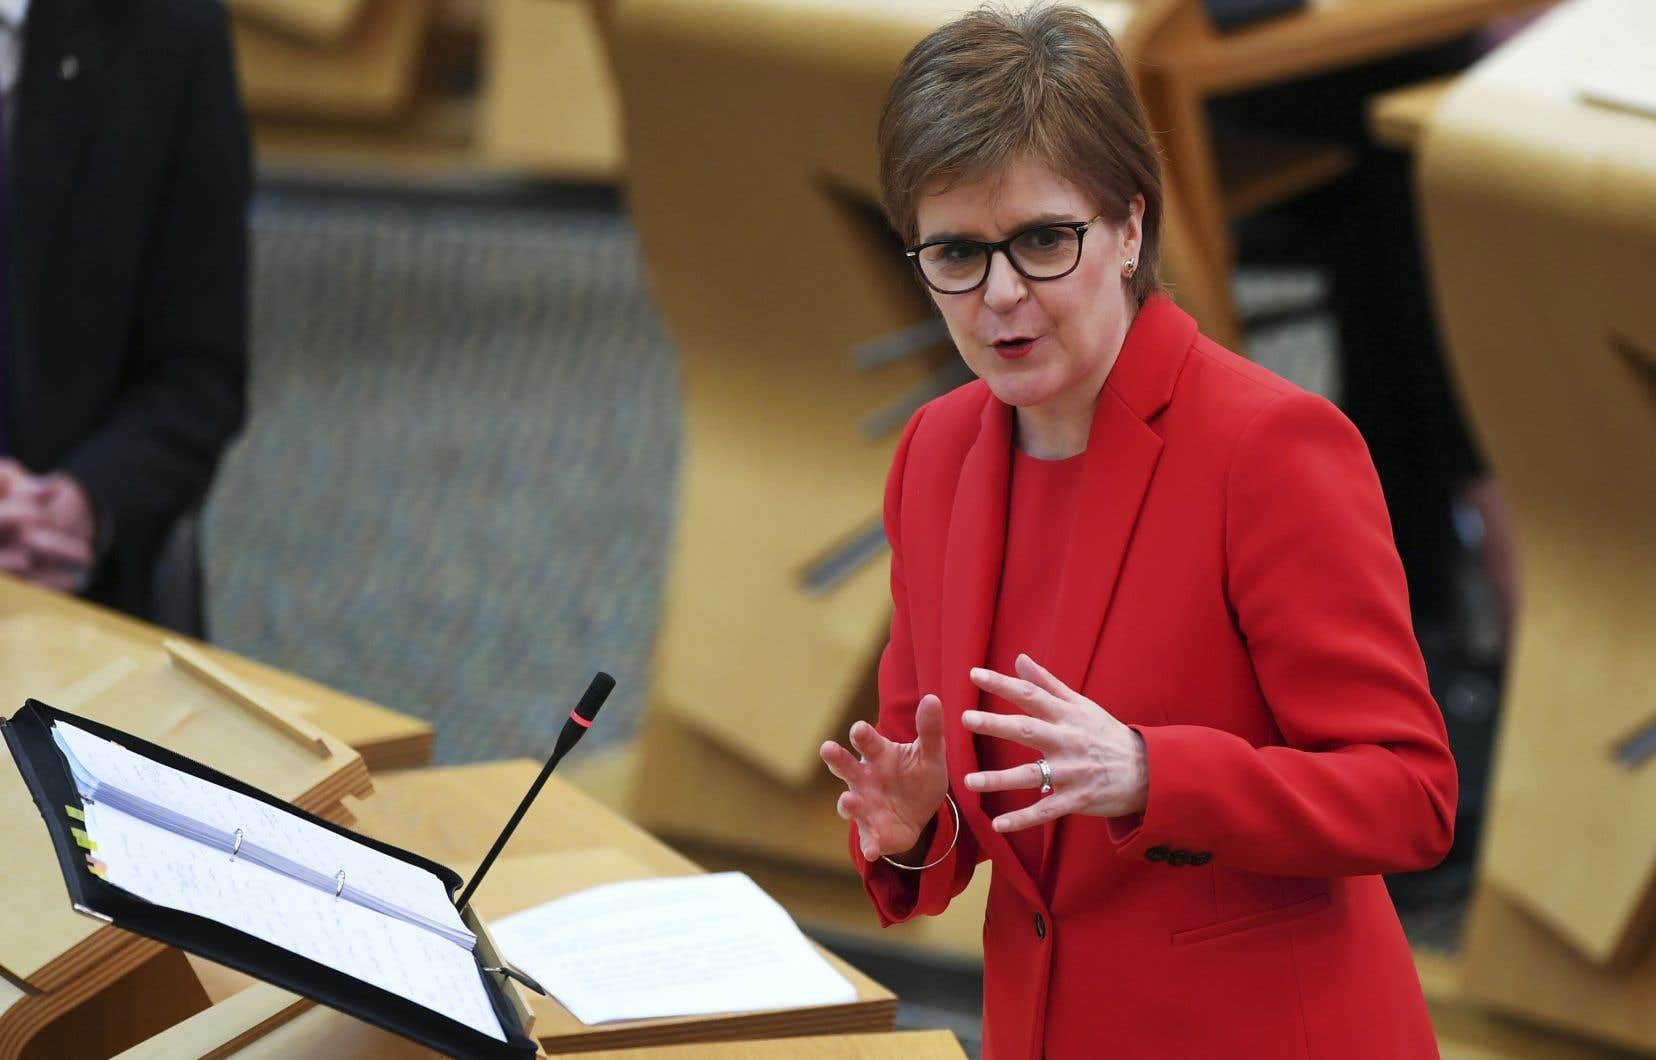 Le soutien à l'indépendance et au parti de la première ministre, Nicola Sturgeon, le SNP, s'est toutefois affaissé ces dernières semaines, sur fond de déchirement chez les indépendantistes.